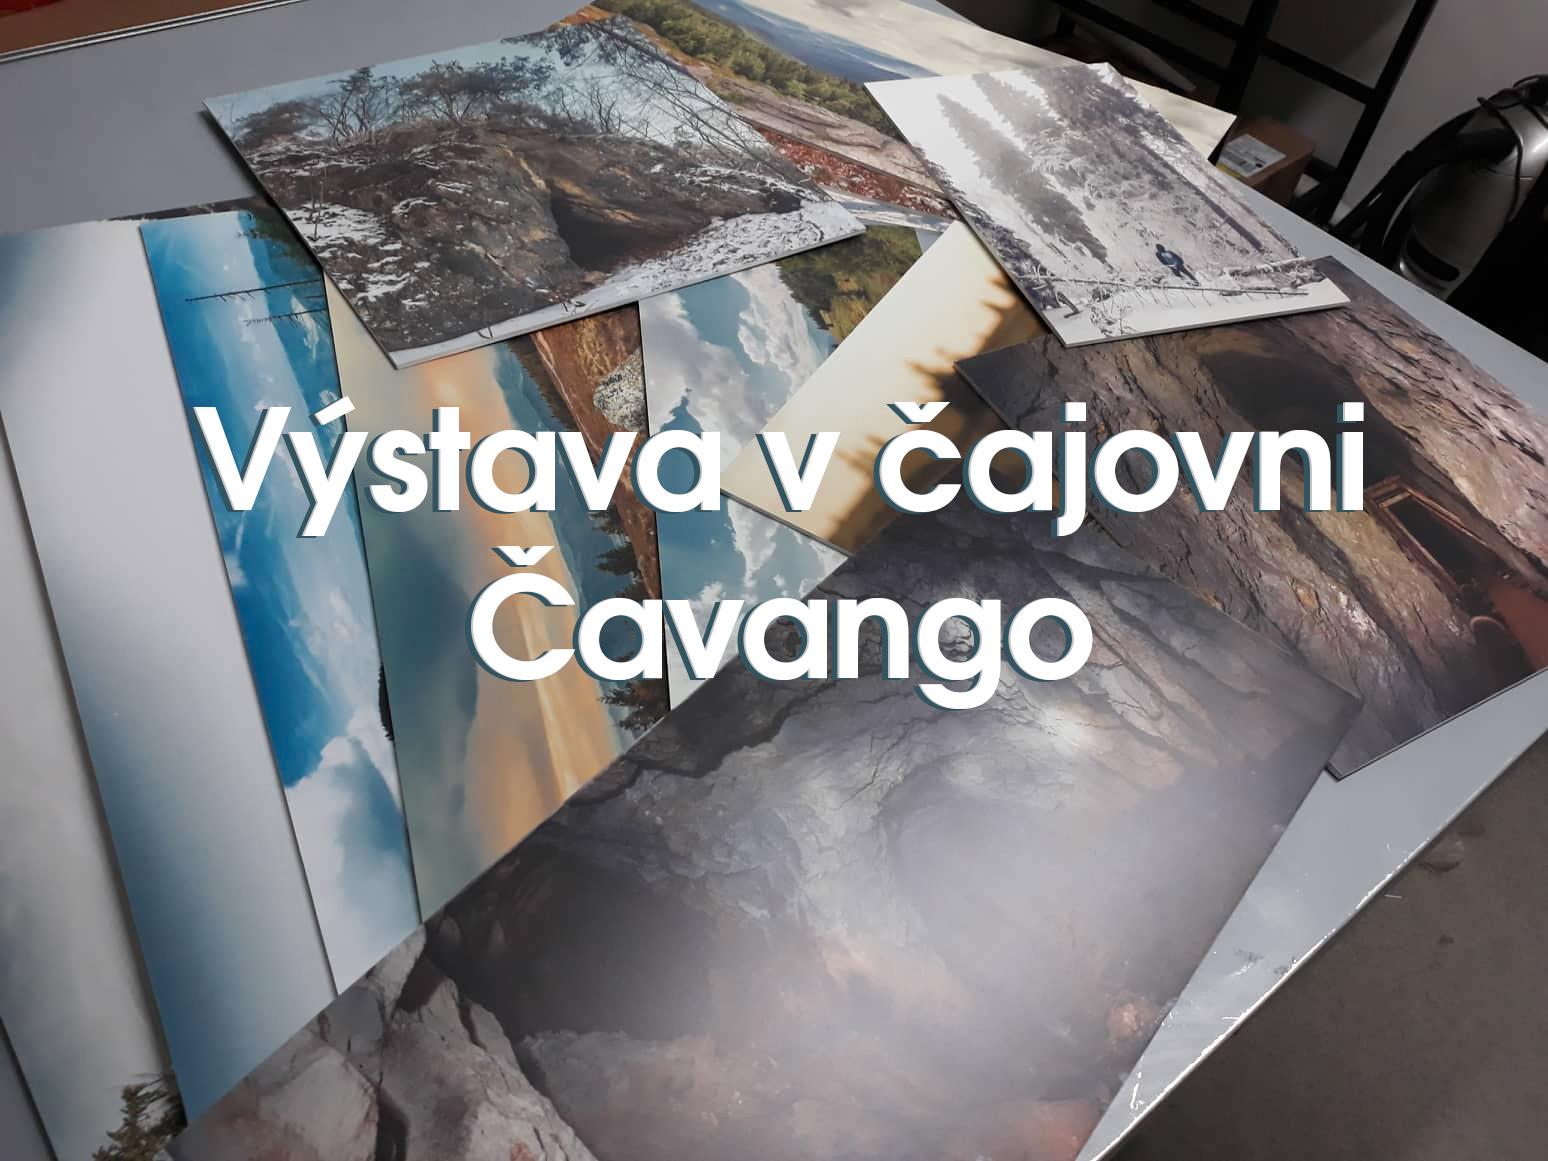 Výstava v čajovni Čavango